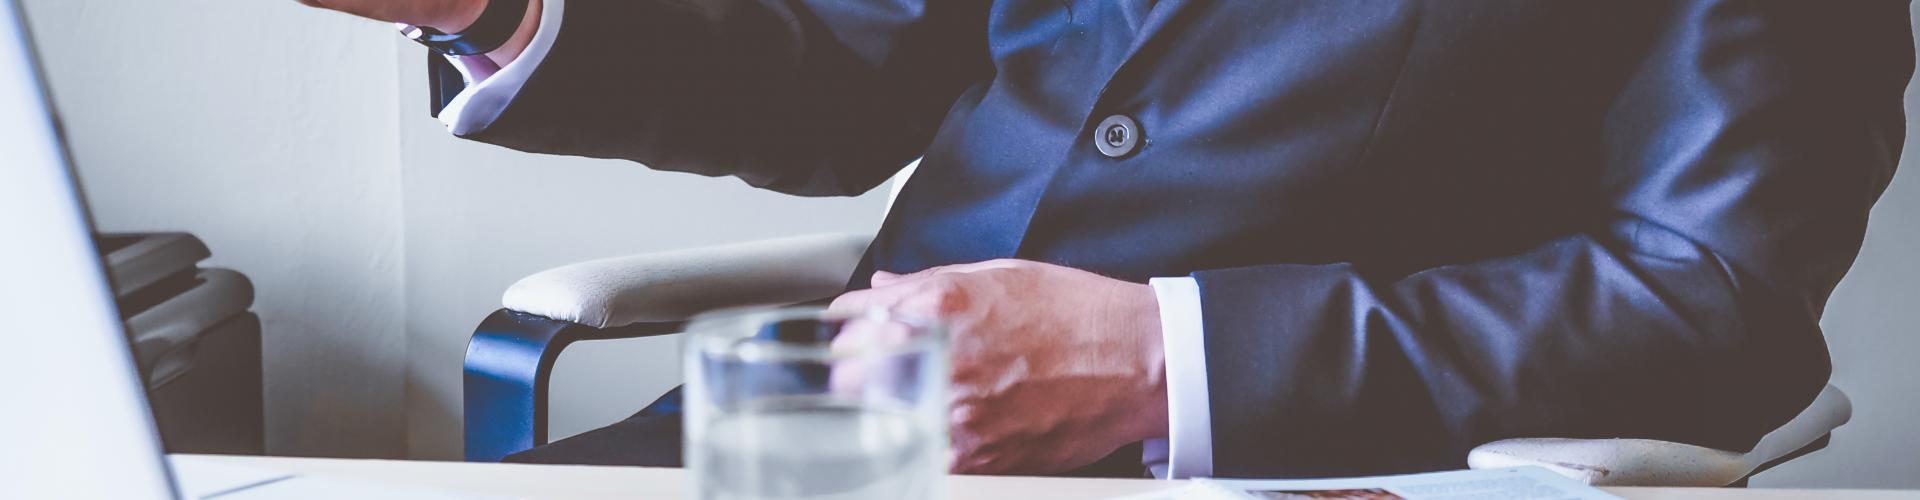 Chequea la salud laboral de tu empresa